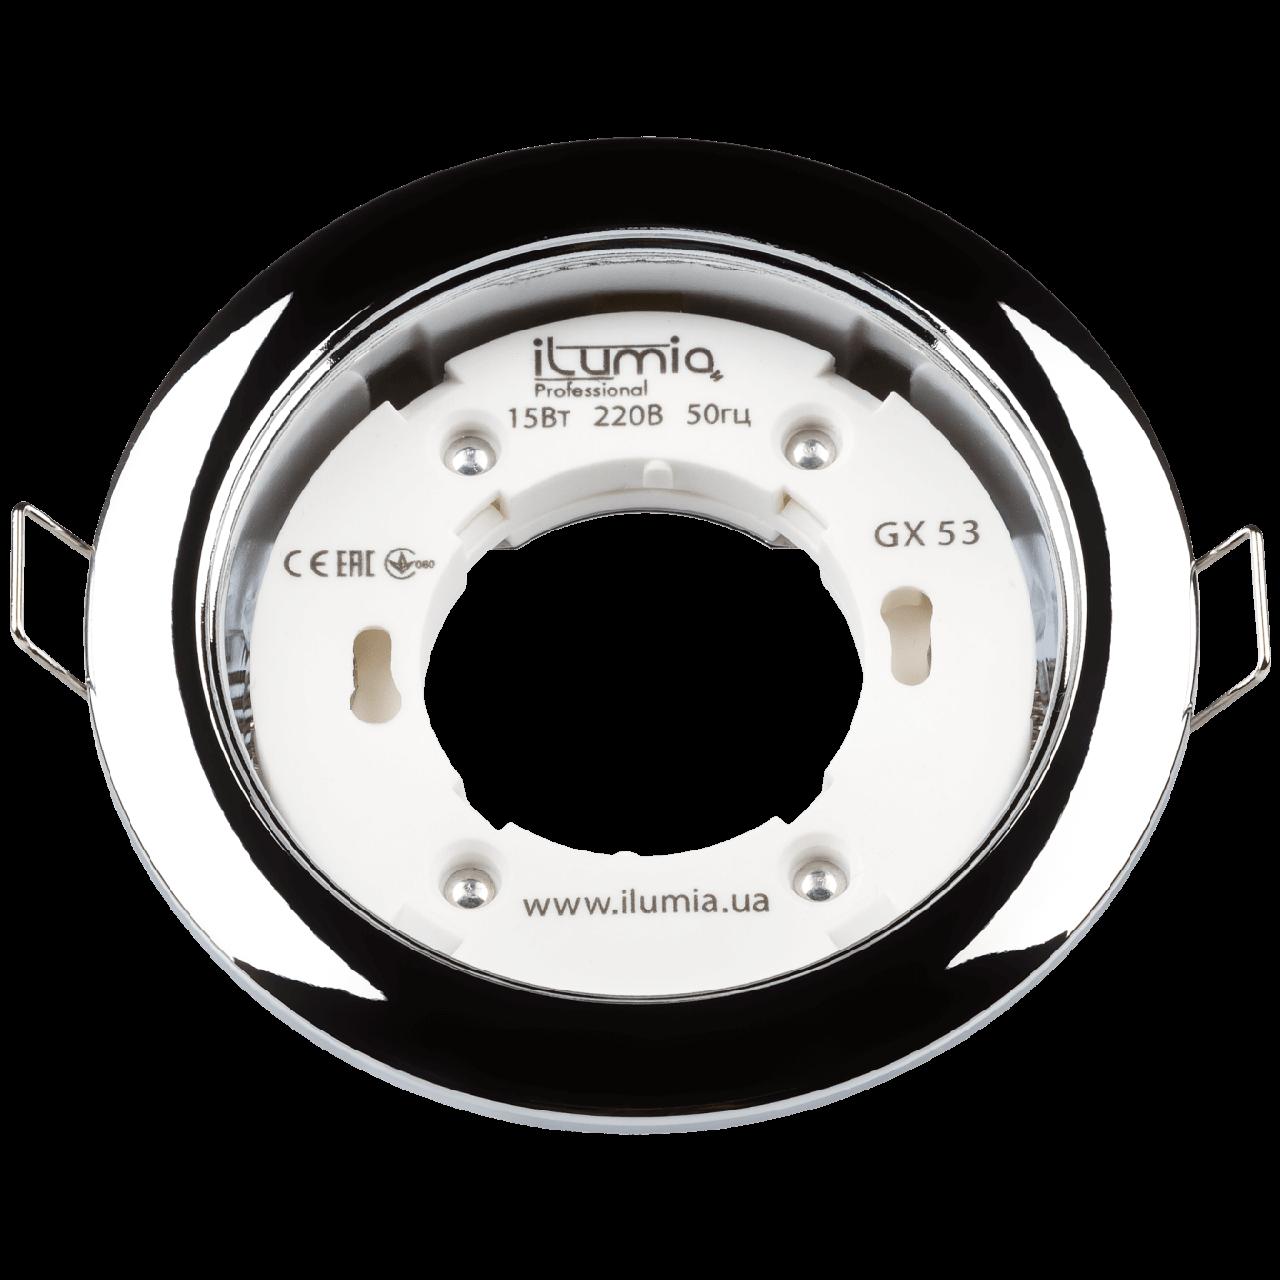 Встраиваемый светильник Ilumia под лампу GX53, Хром, 105мм (051)